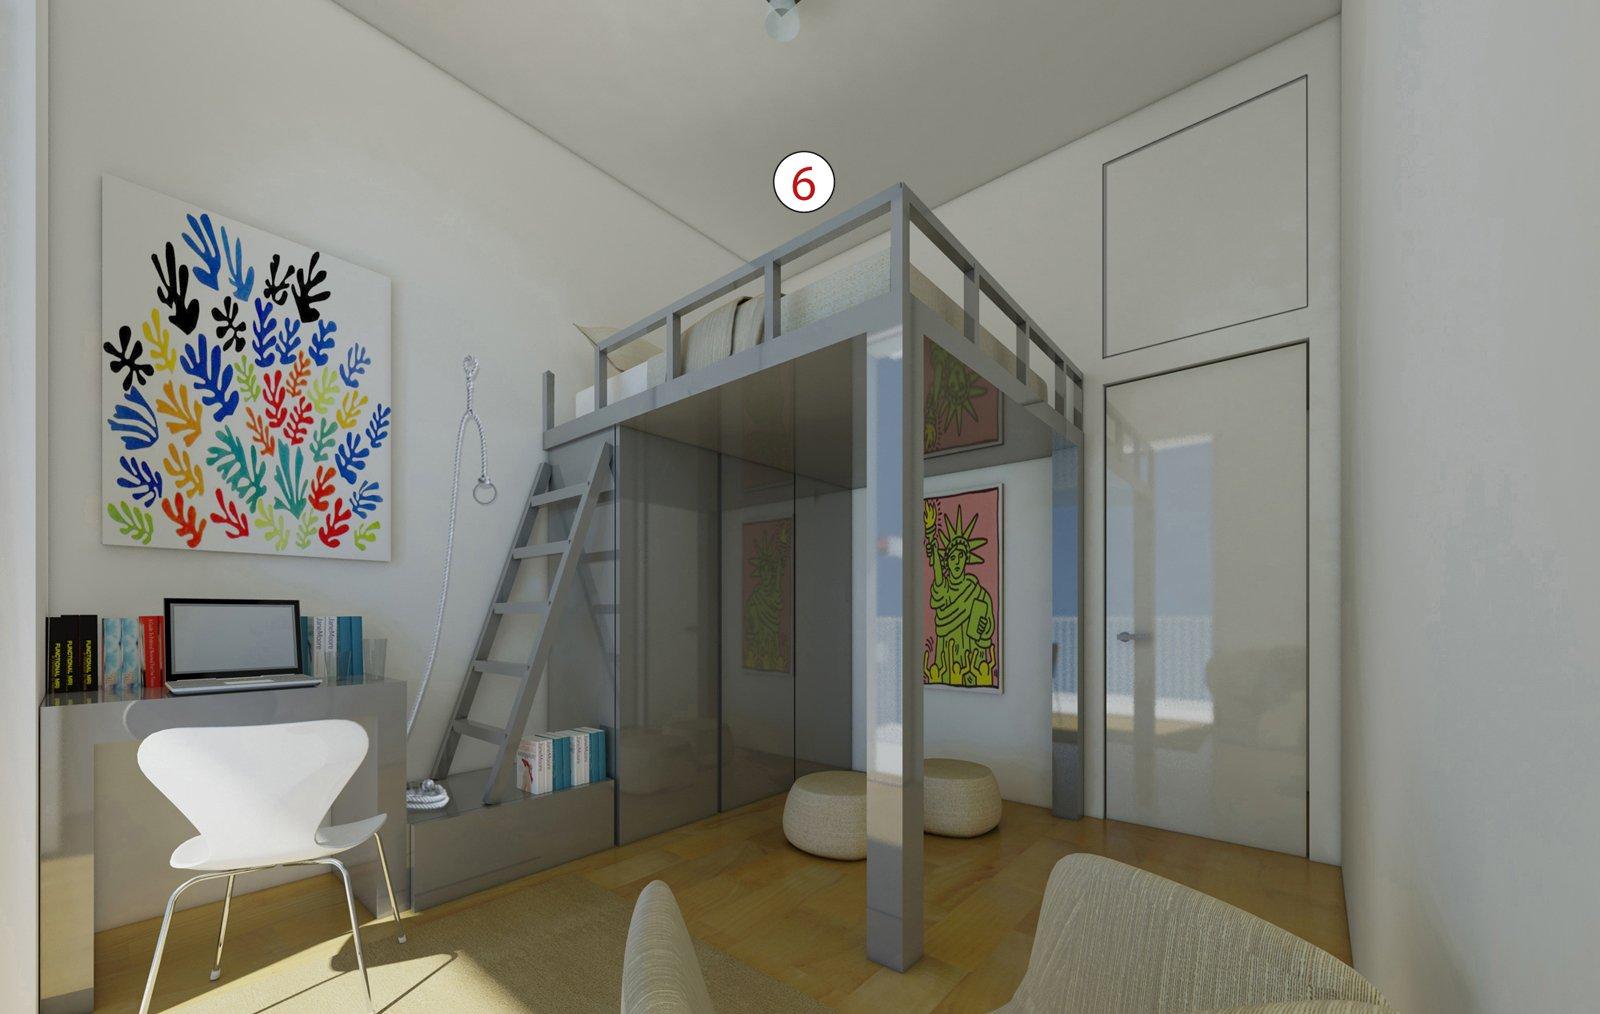 Tante idee per migliorare casa focus sulla zona notte - Soppalco in camera ...